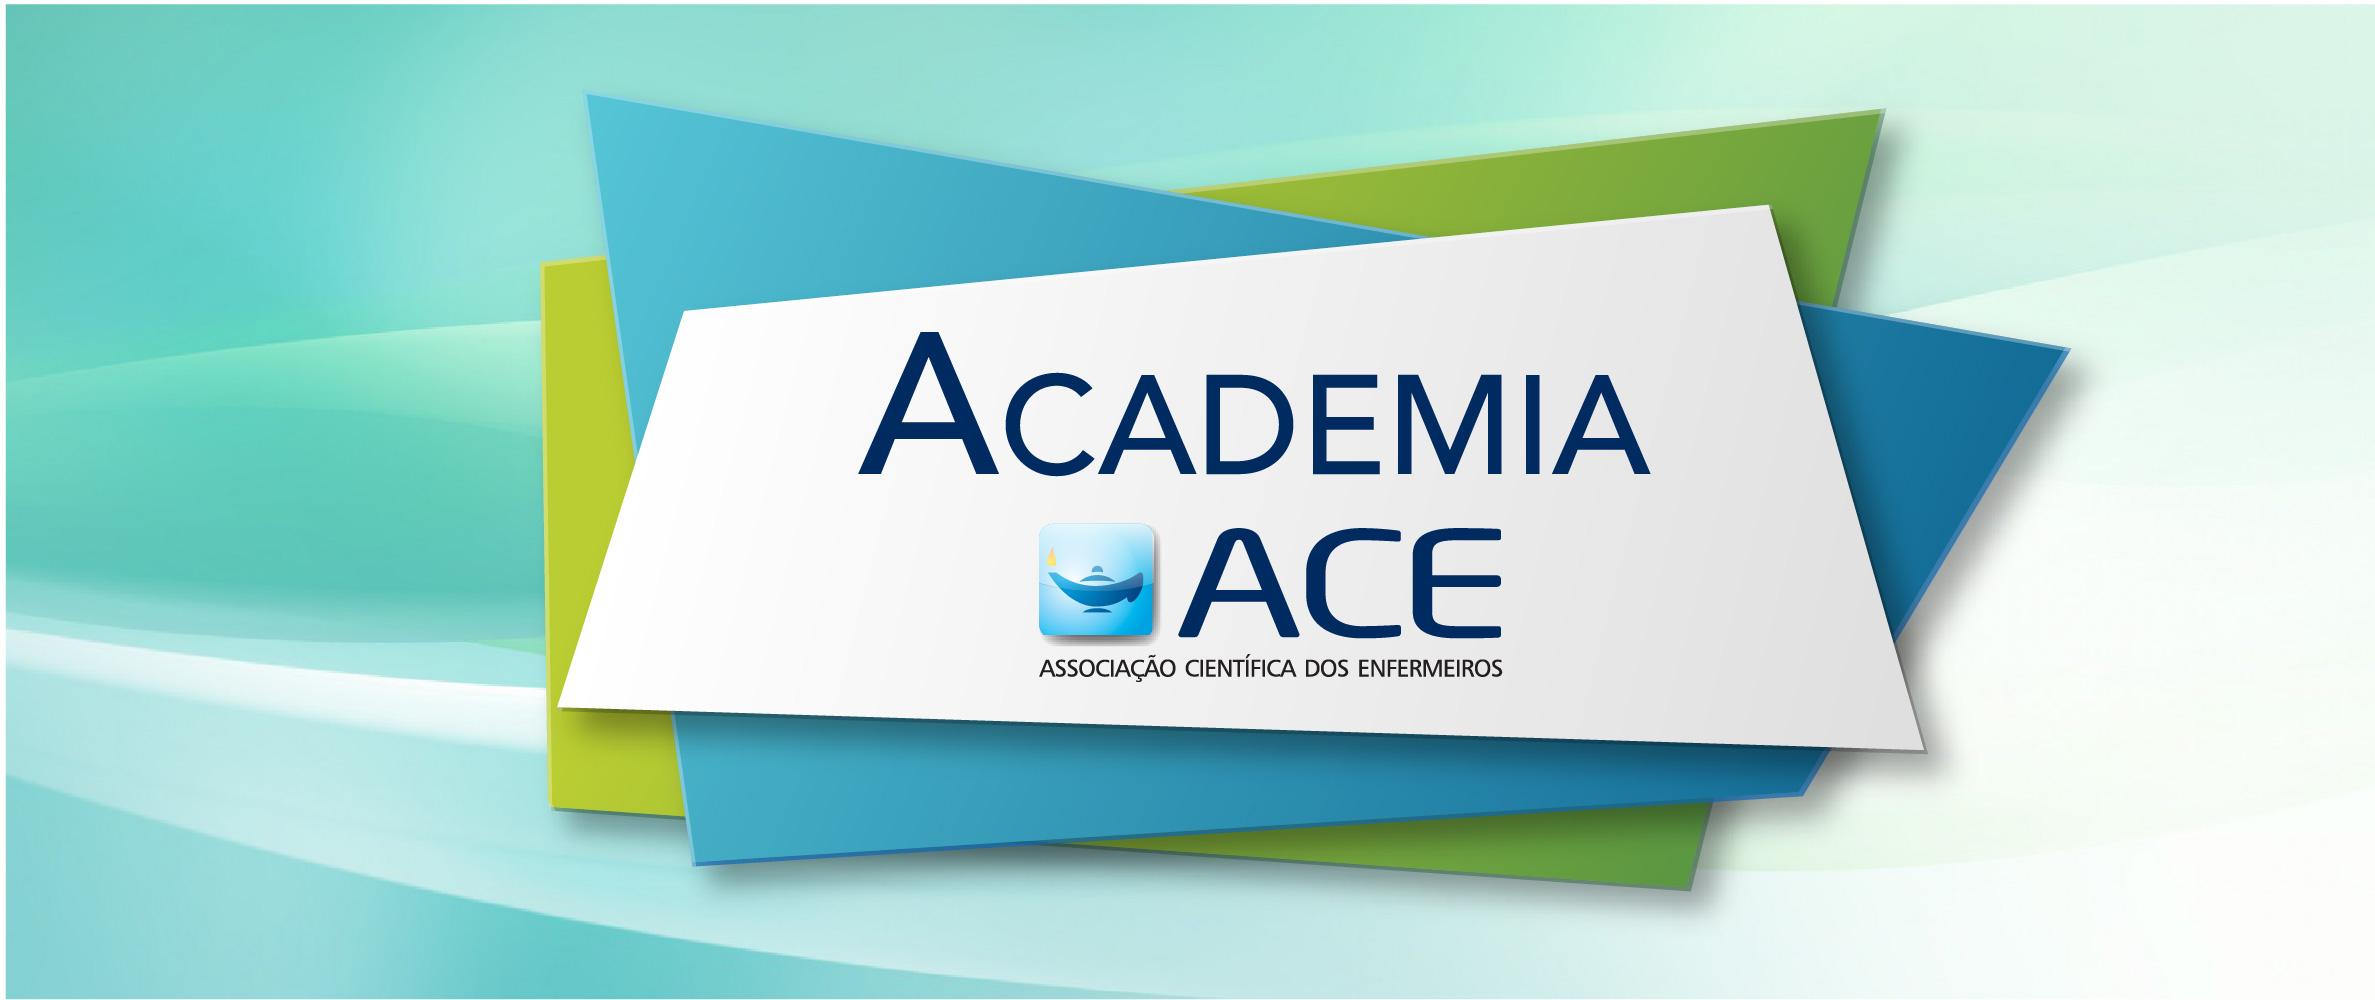 academia-1140x480-06.jpg